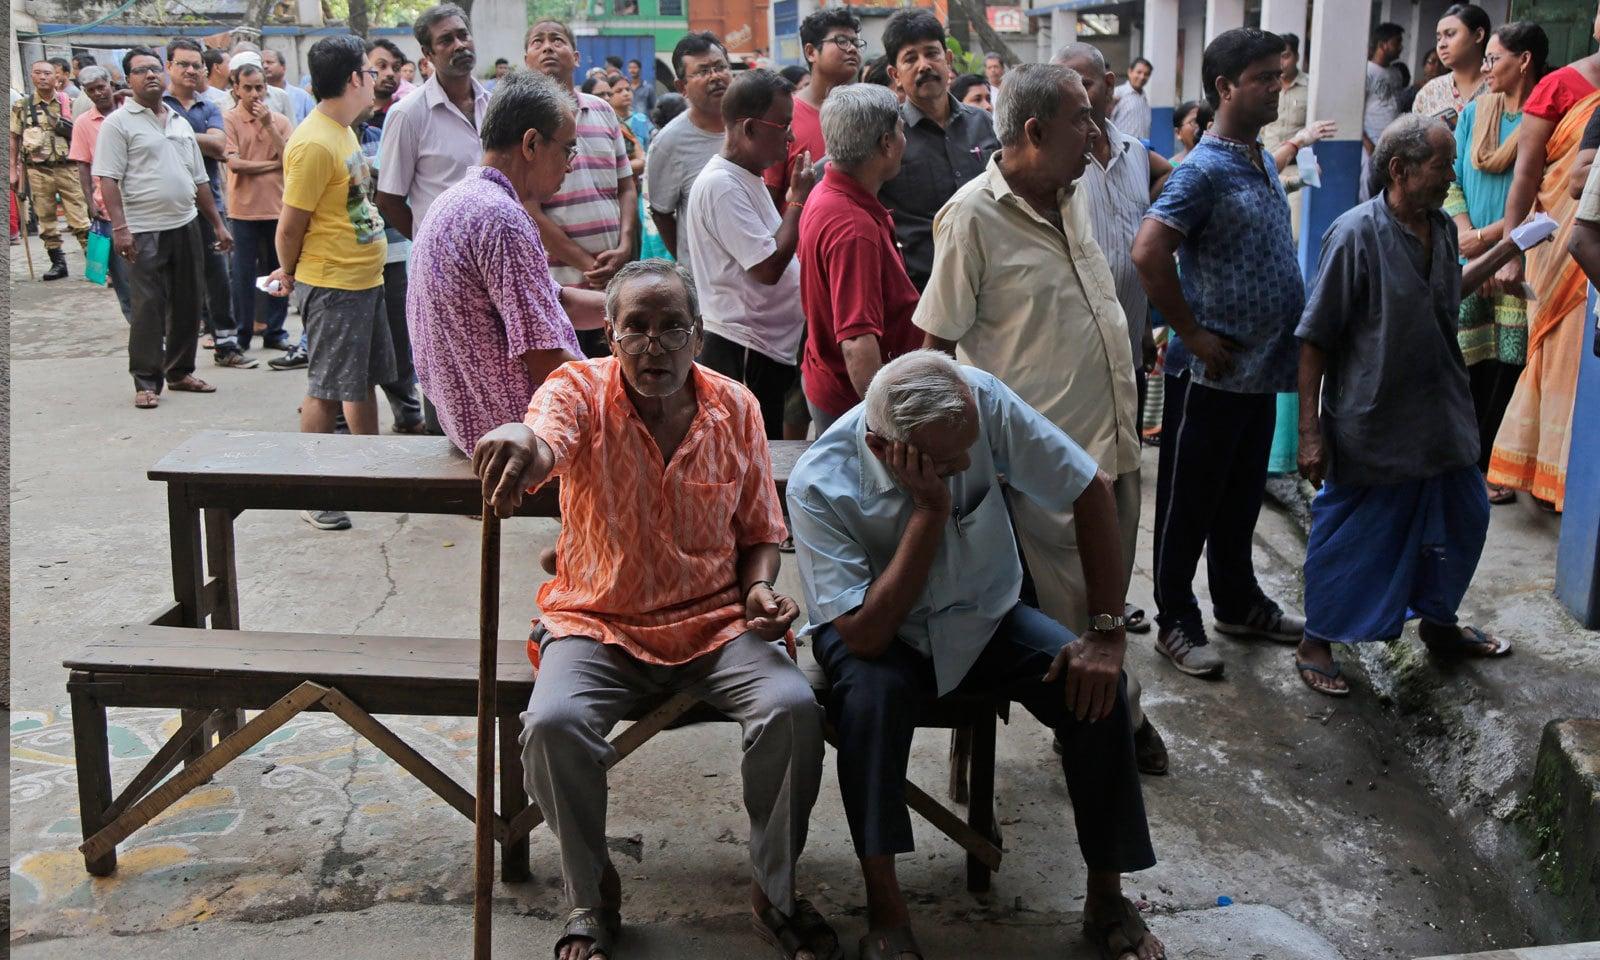 ہاوڑہ میں لوگ ووٹنگ کے لیے اپنی باری کا انتظار کررہے ہیں — فوٹو: اے پی